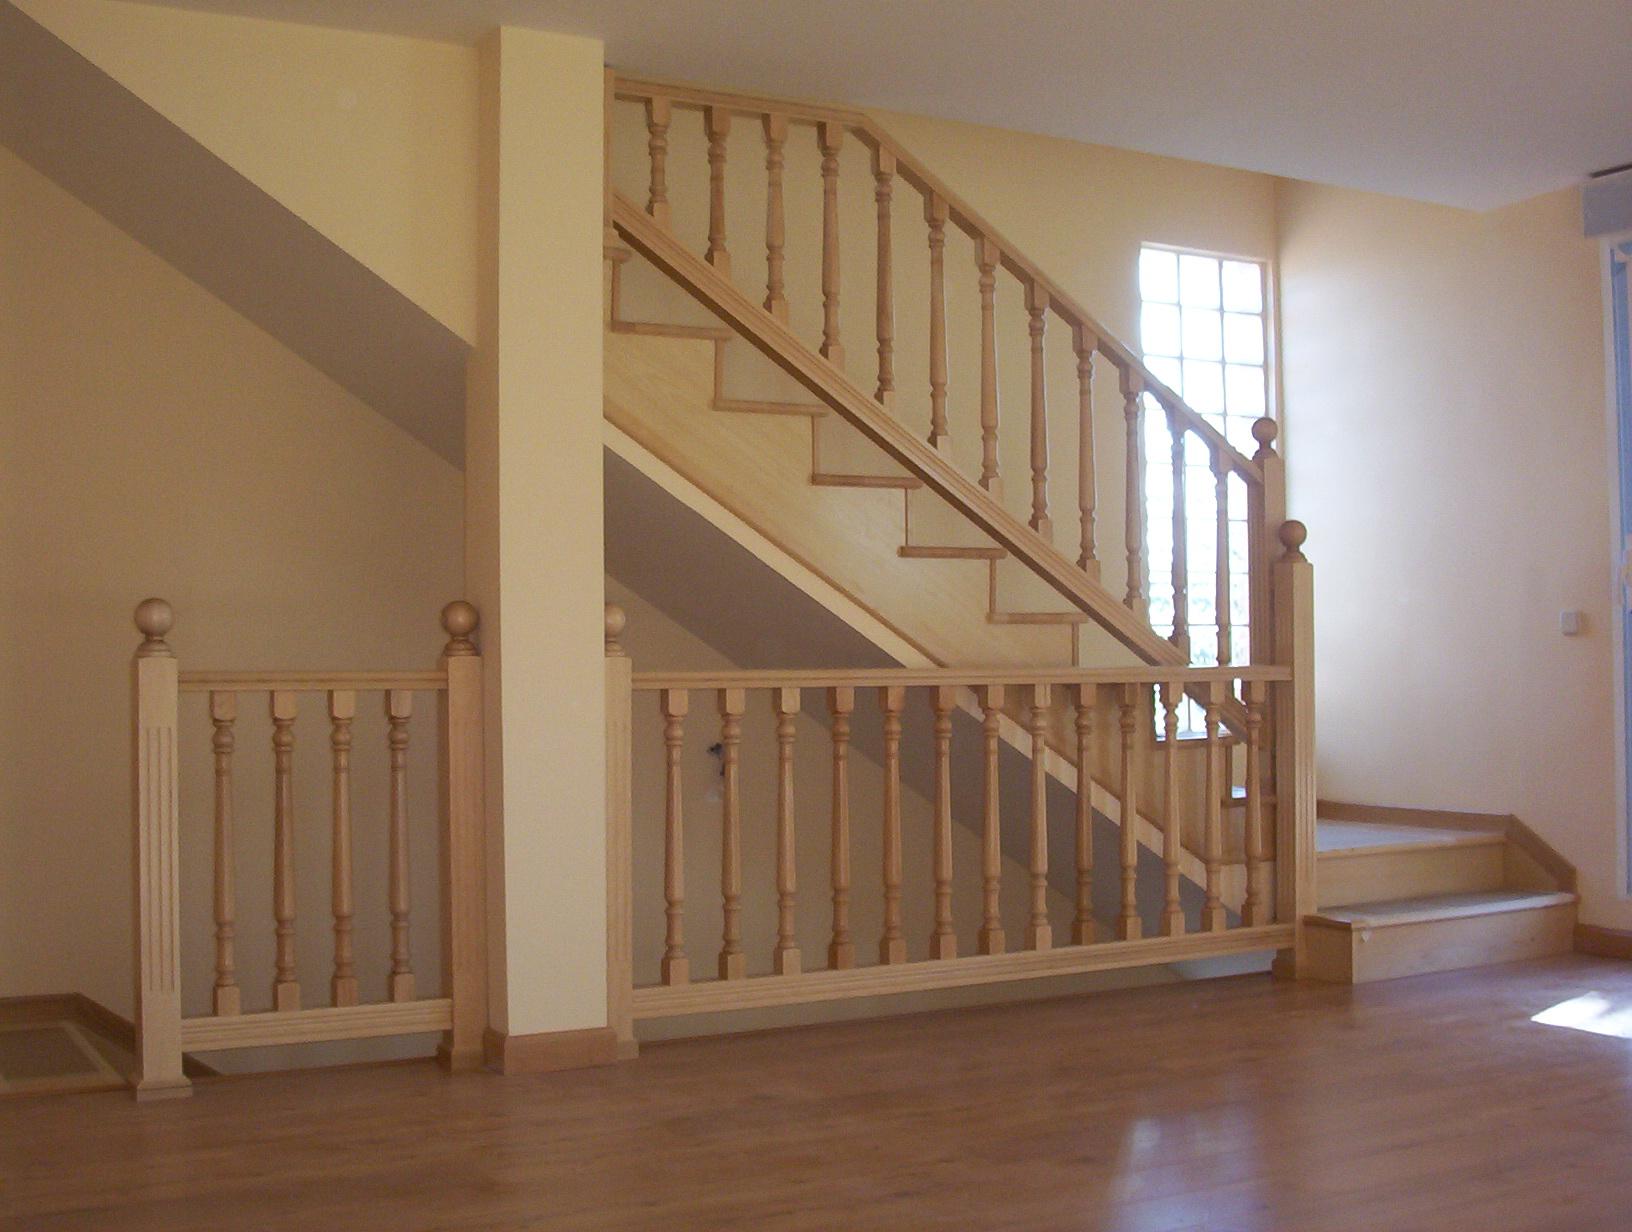 Barandillas - Barandillas de seguridad para escaleras ...